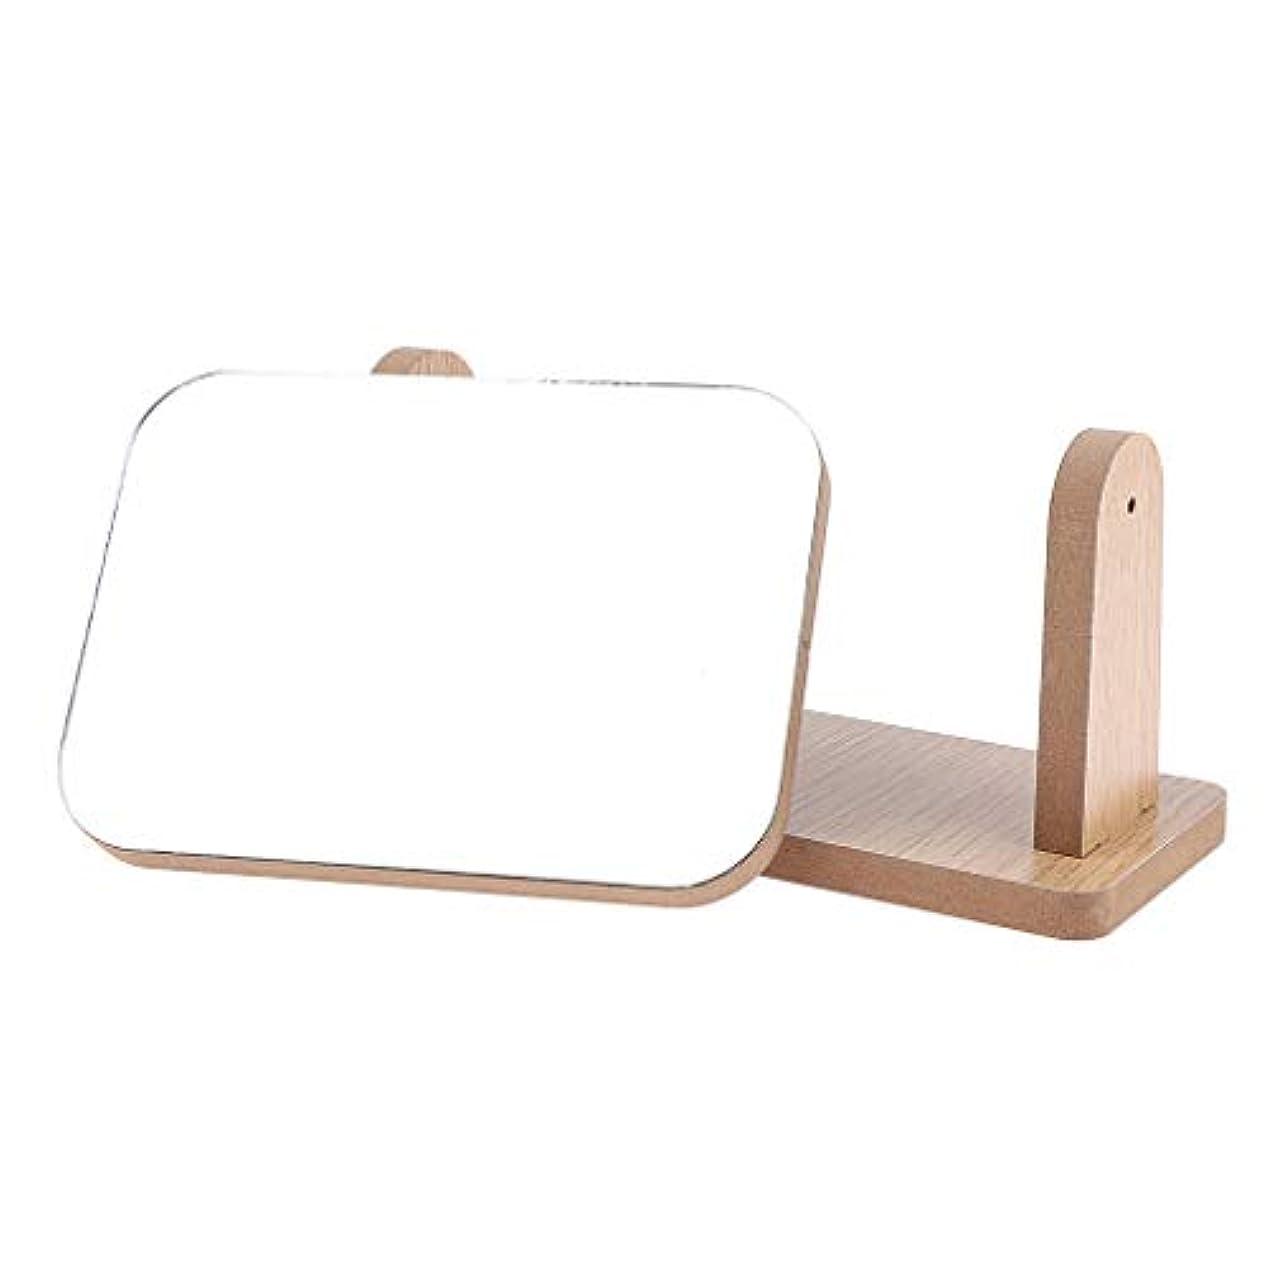 判読できないコークス小石B Baosity メイクアップミラー 360度回転 お化粧 鏡 ミラー 2タイプ選べ - 横